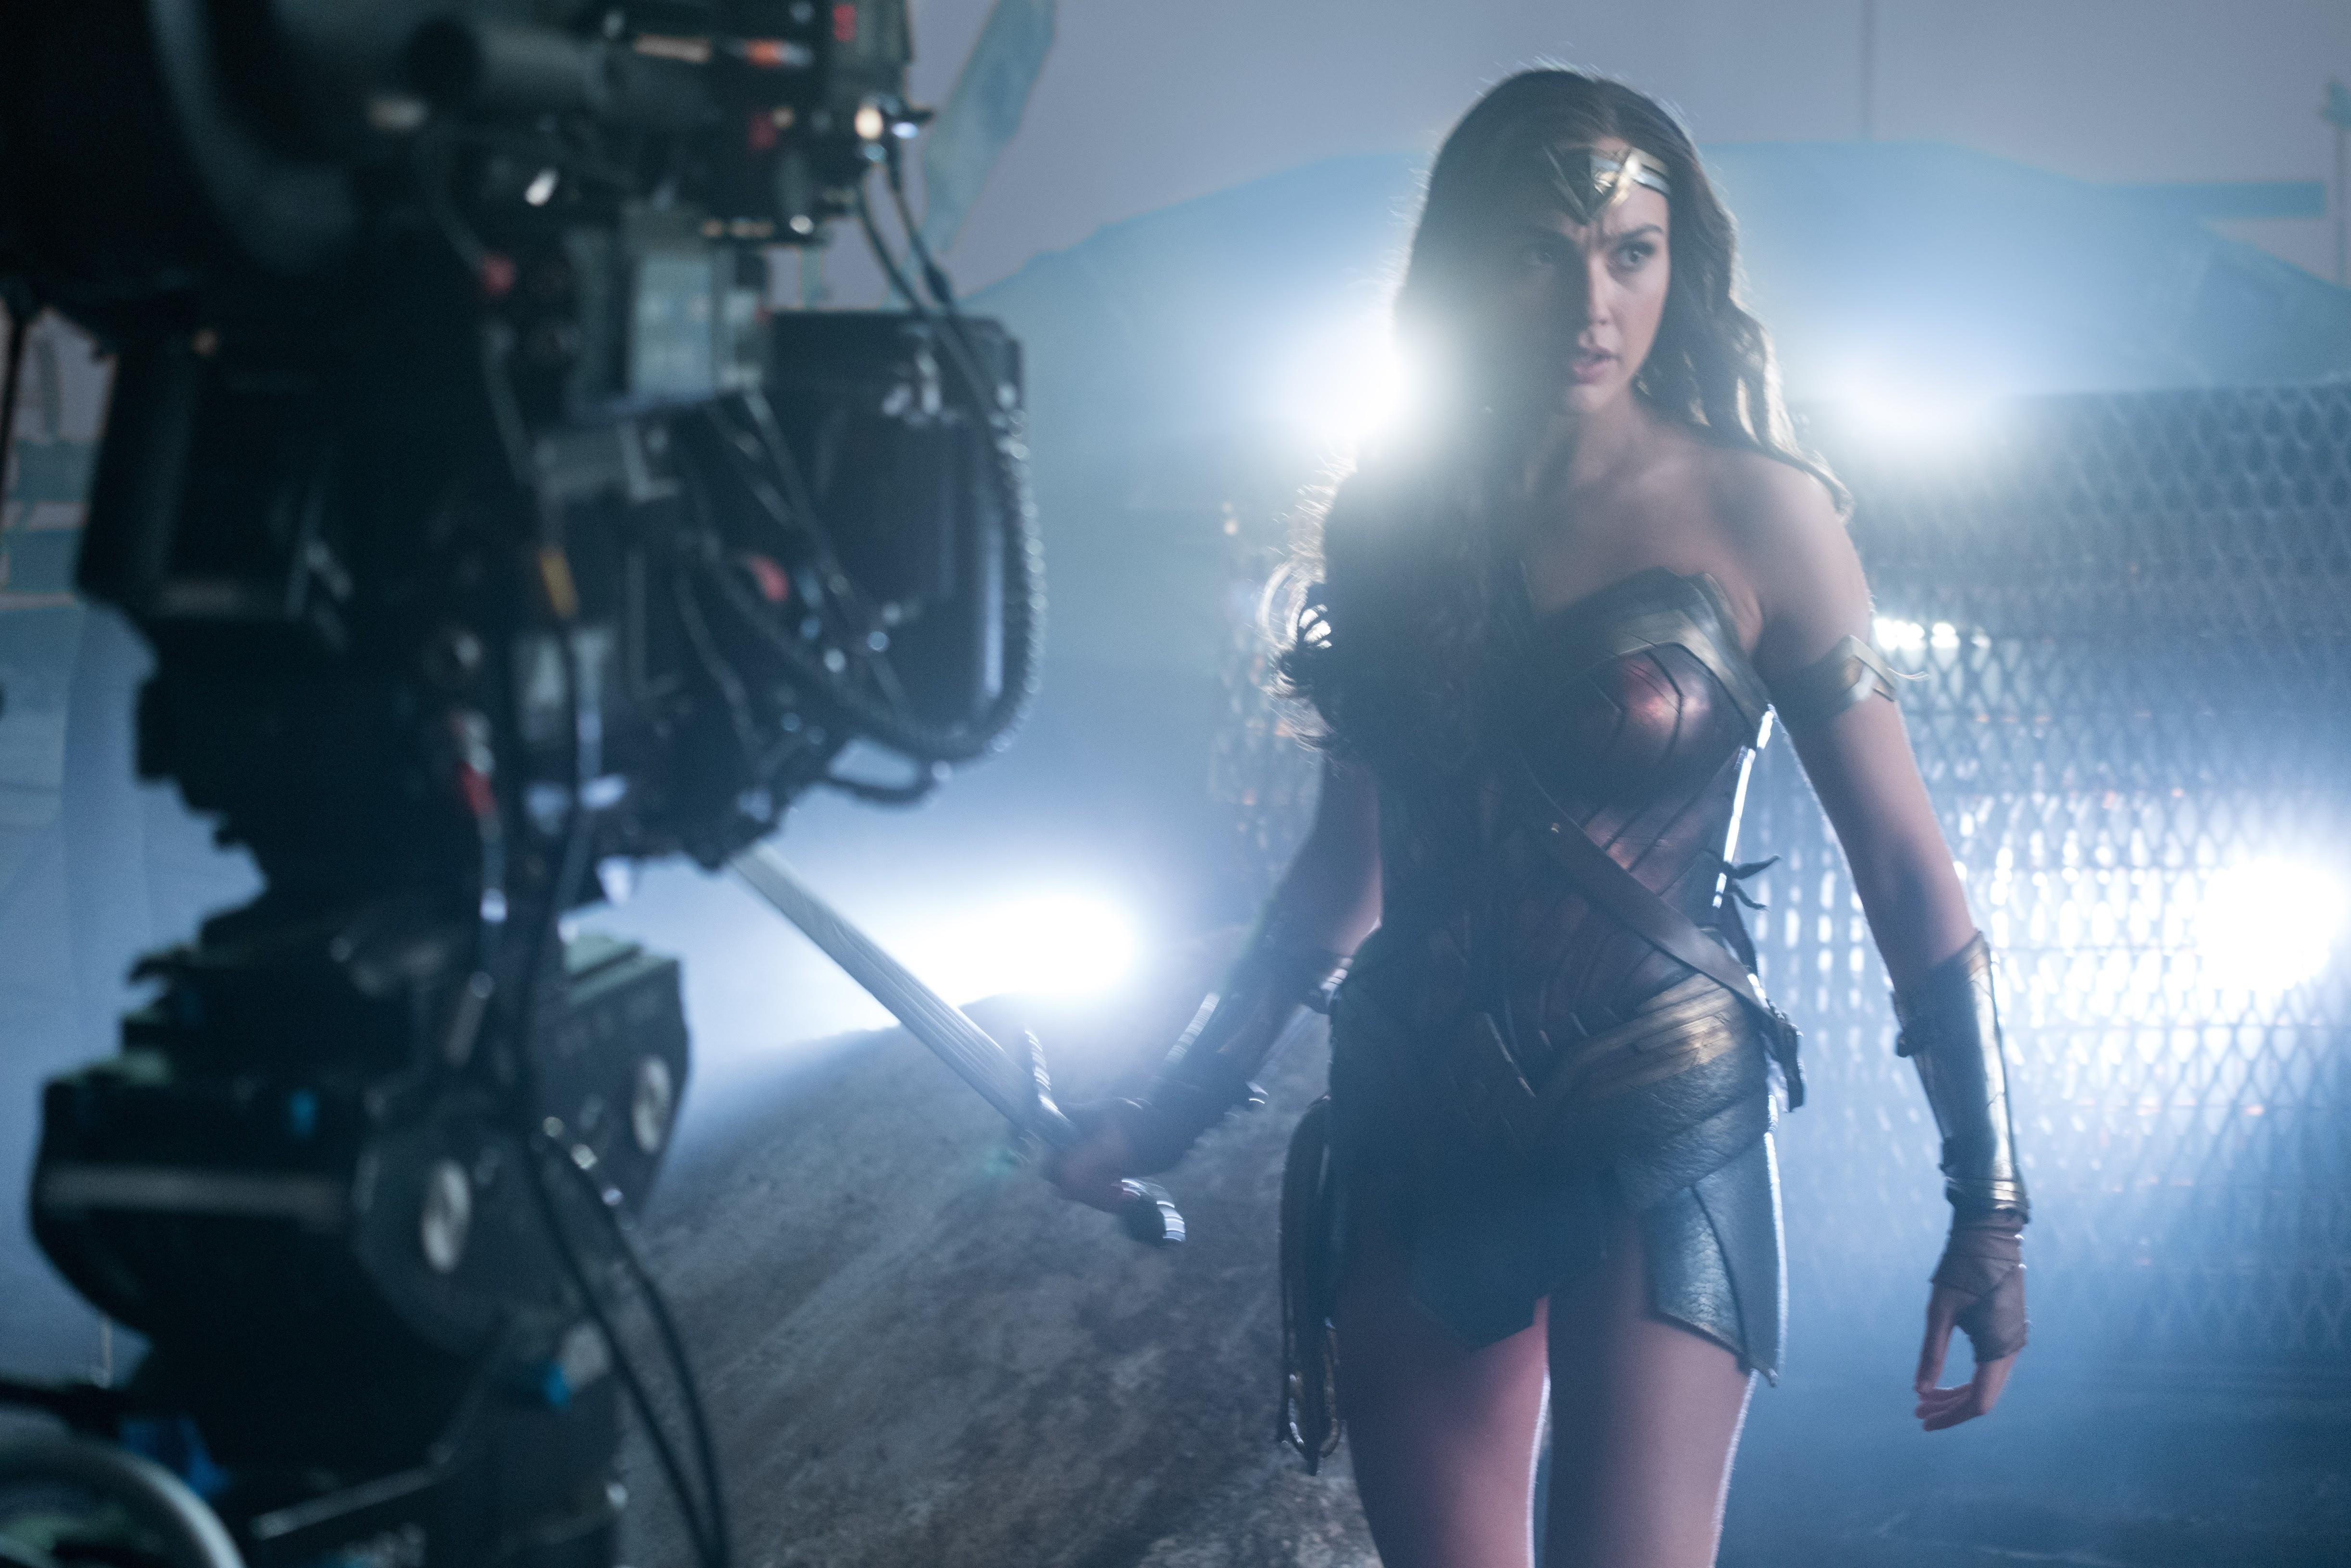 Zack's Justice League : ザック・スナイダー監督が、DCヒーロー大集合映画の超大作「真・ジャスティス・リーグ」を世に送り出すリリース時期の見込みを明らかにしてくれた ! !